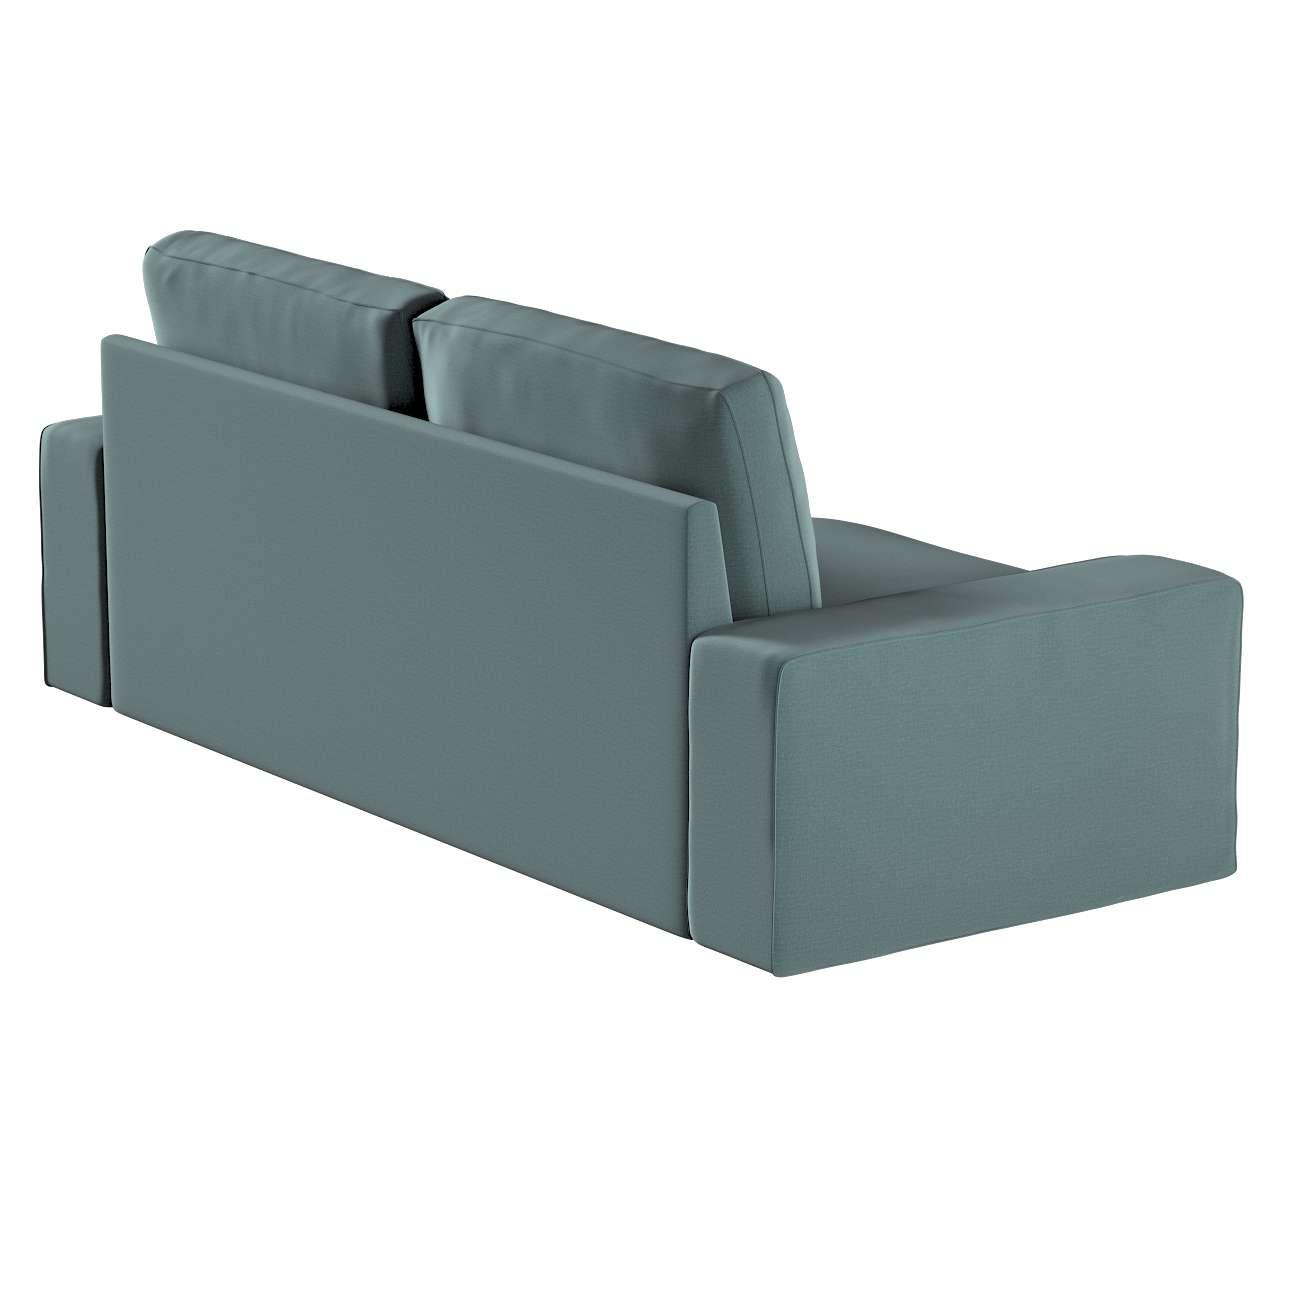 Pokrowiec na sofę Kivik 3-osobową, rozkładaną w kolekcji Ingrid, tkanina: 705-36